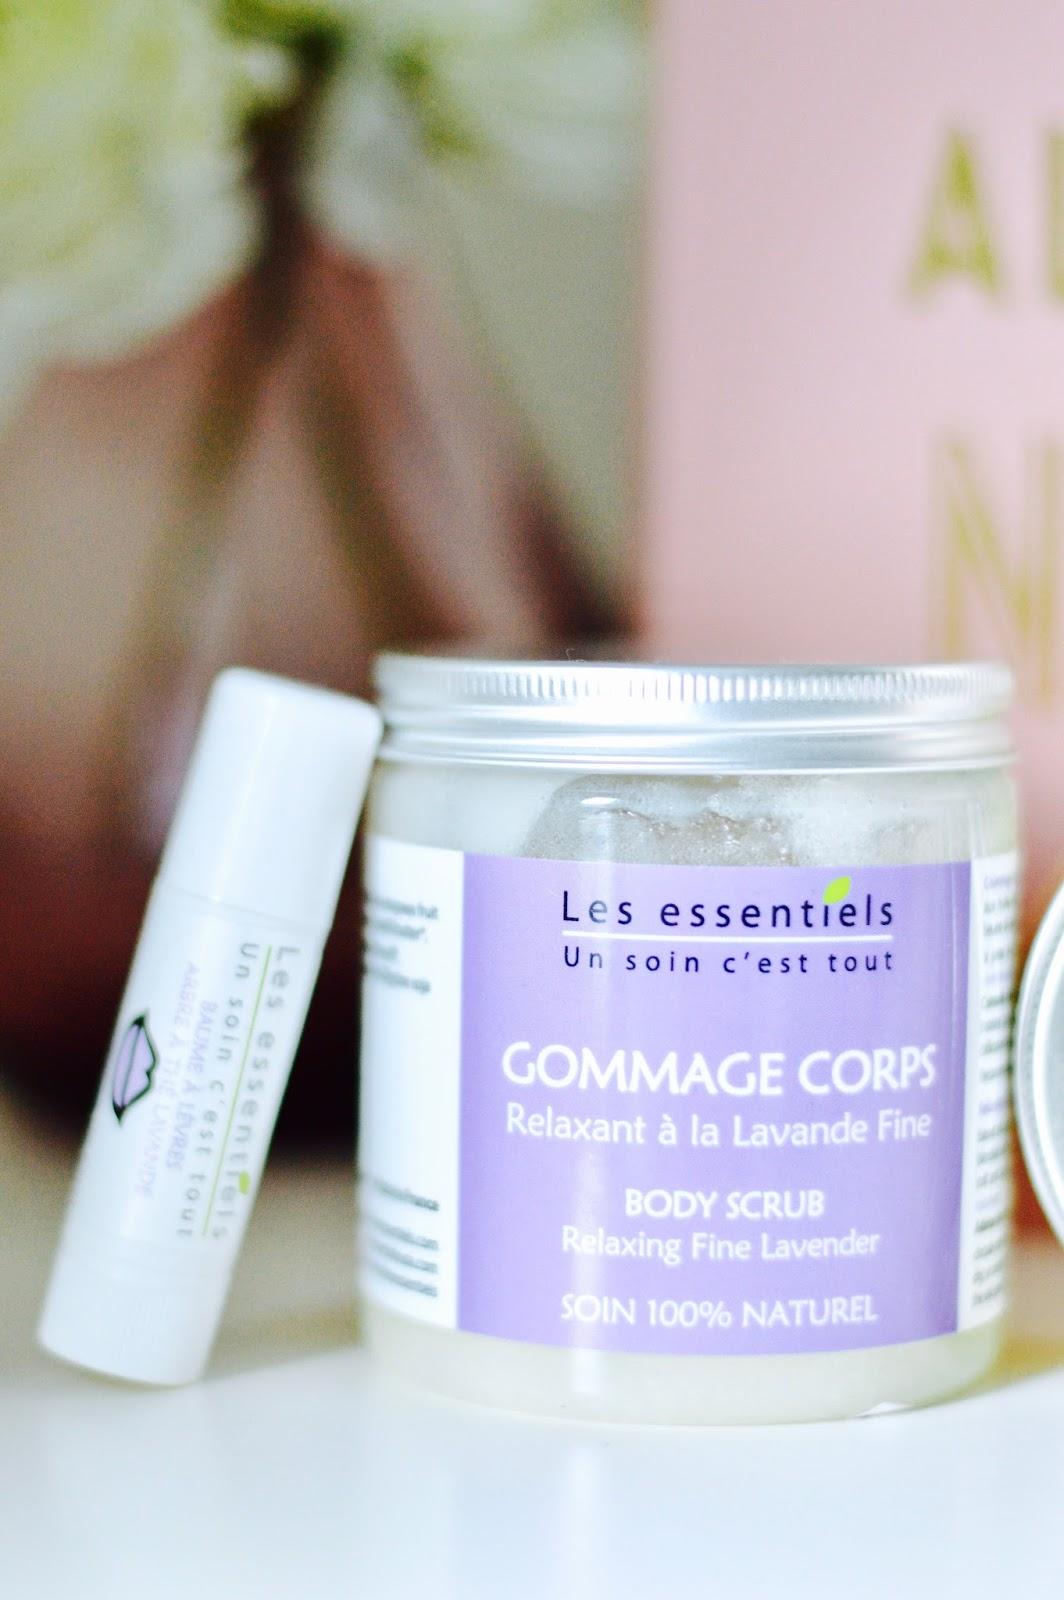 Savonnerie les Essentiels lavande geranium rosa soins corporels 100% naturel